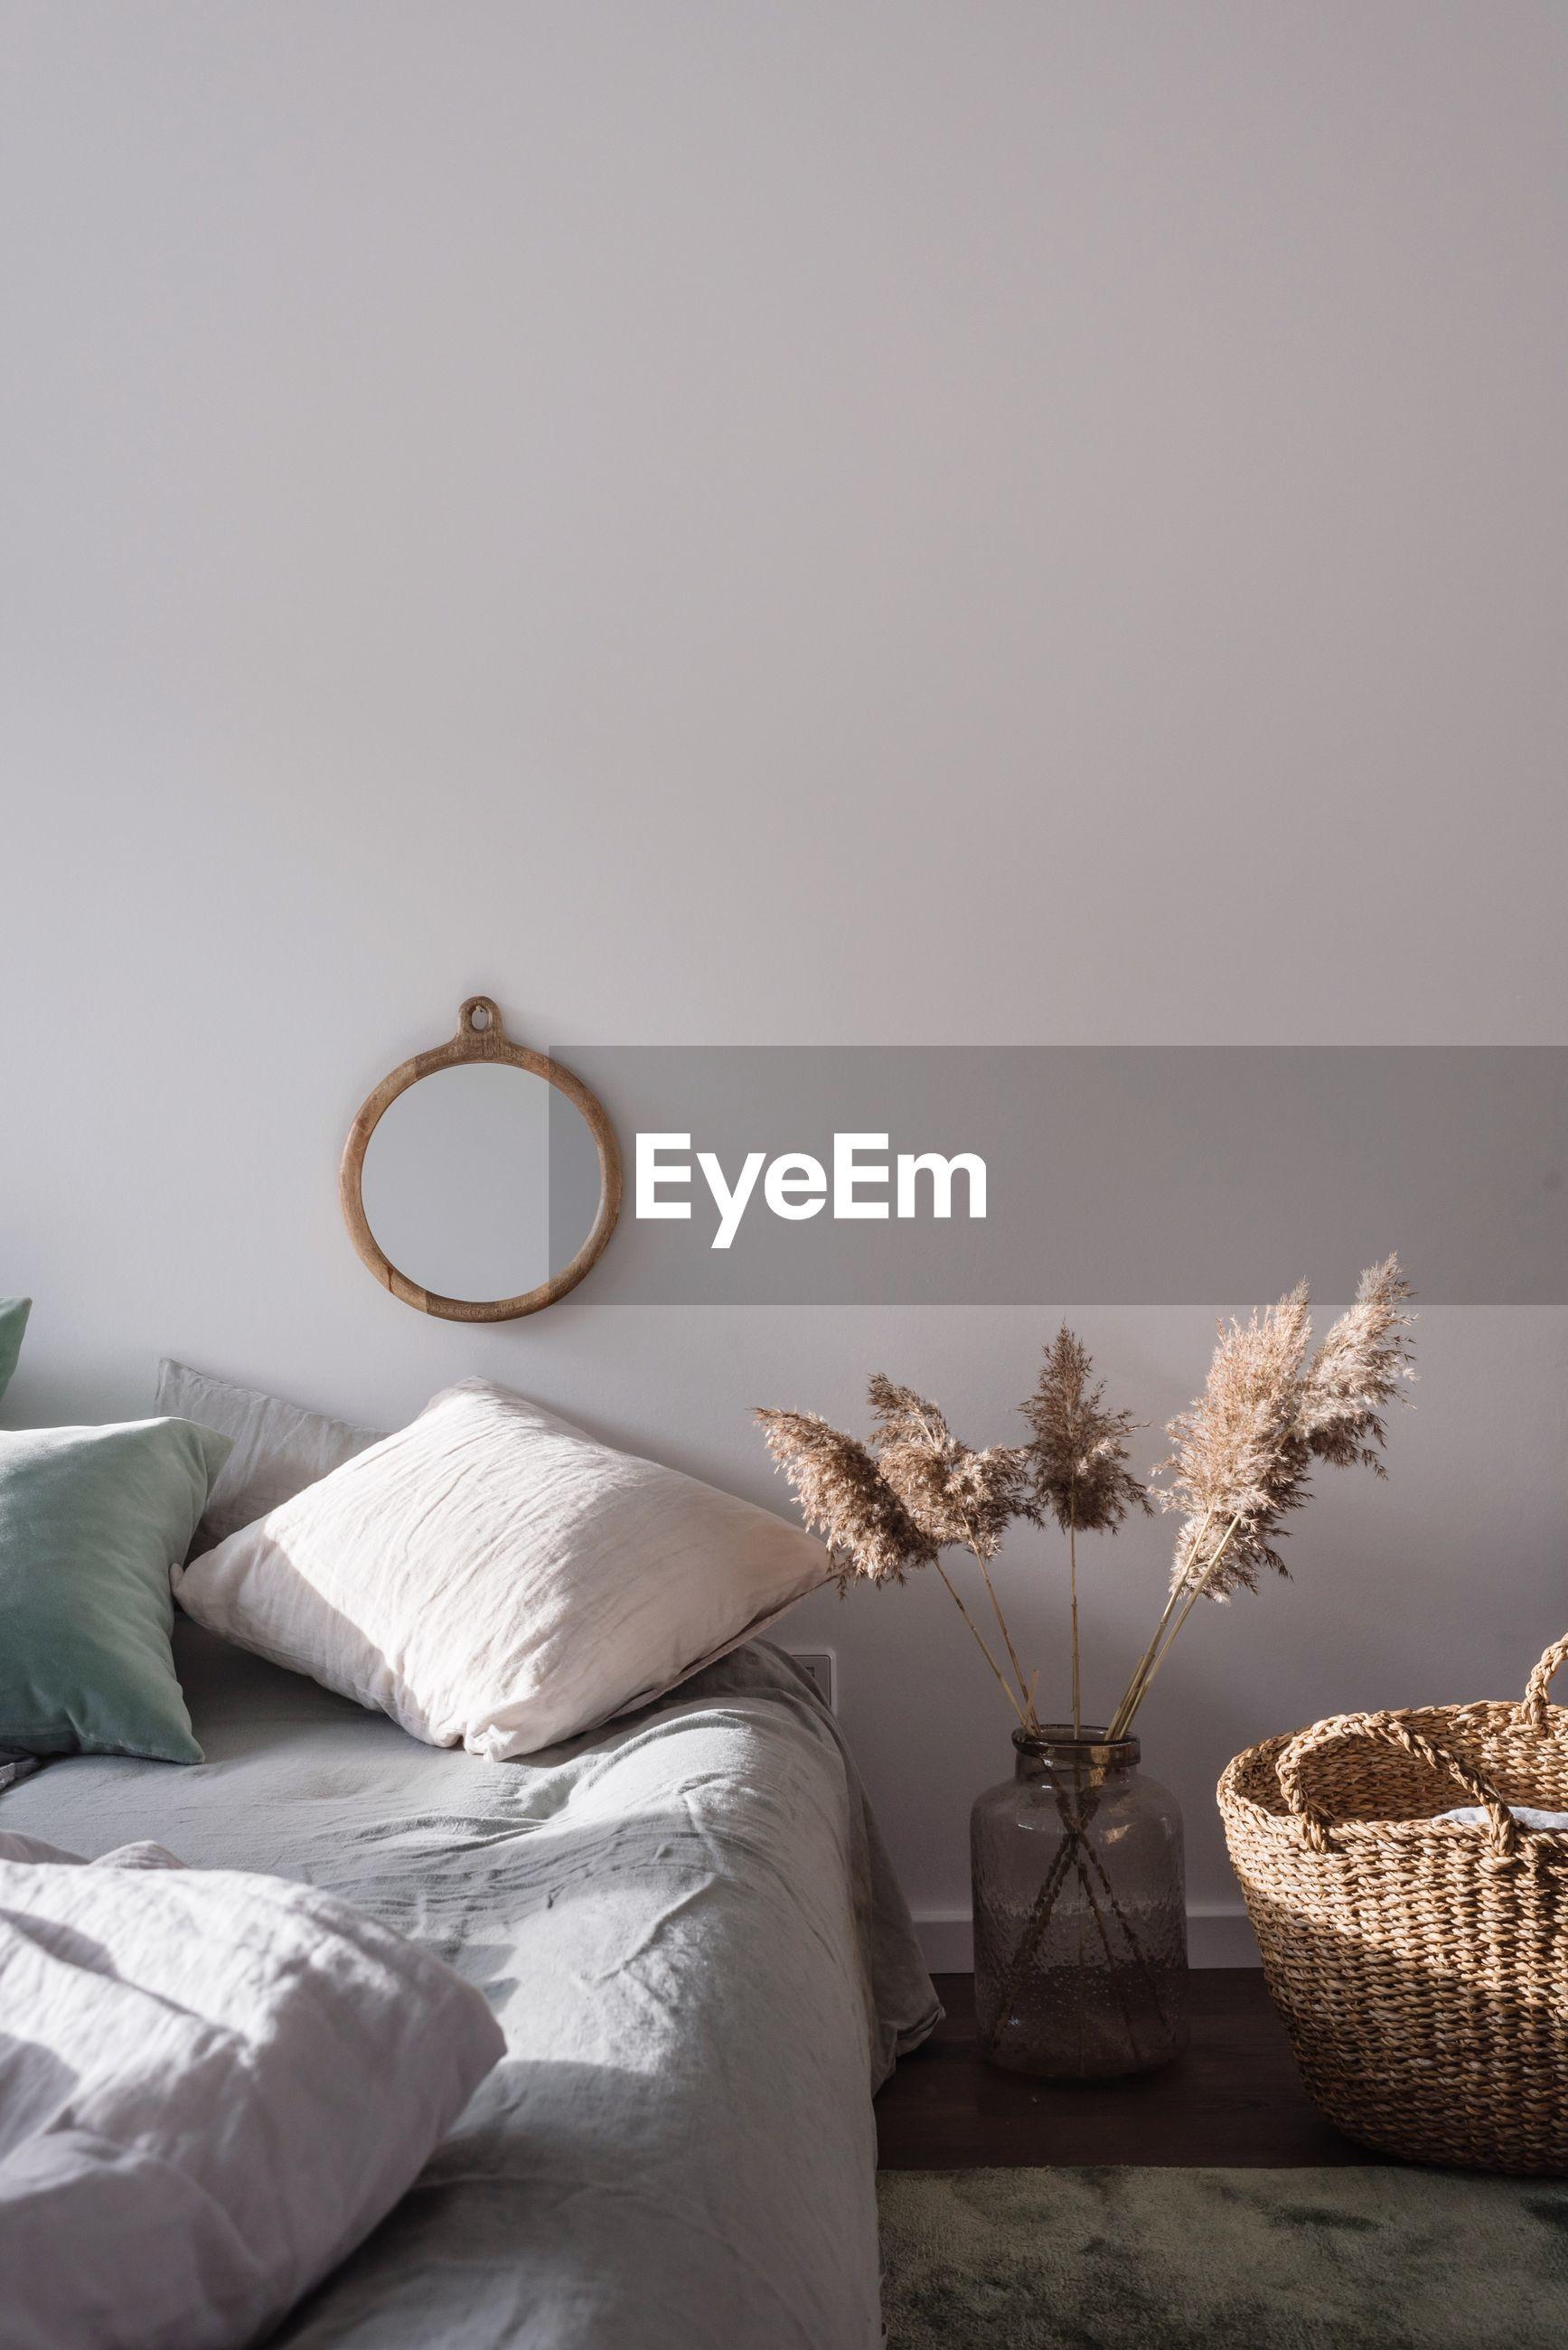 Wicker basket by plant in bedroom